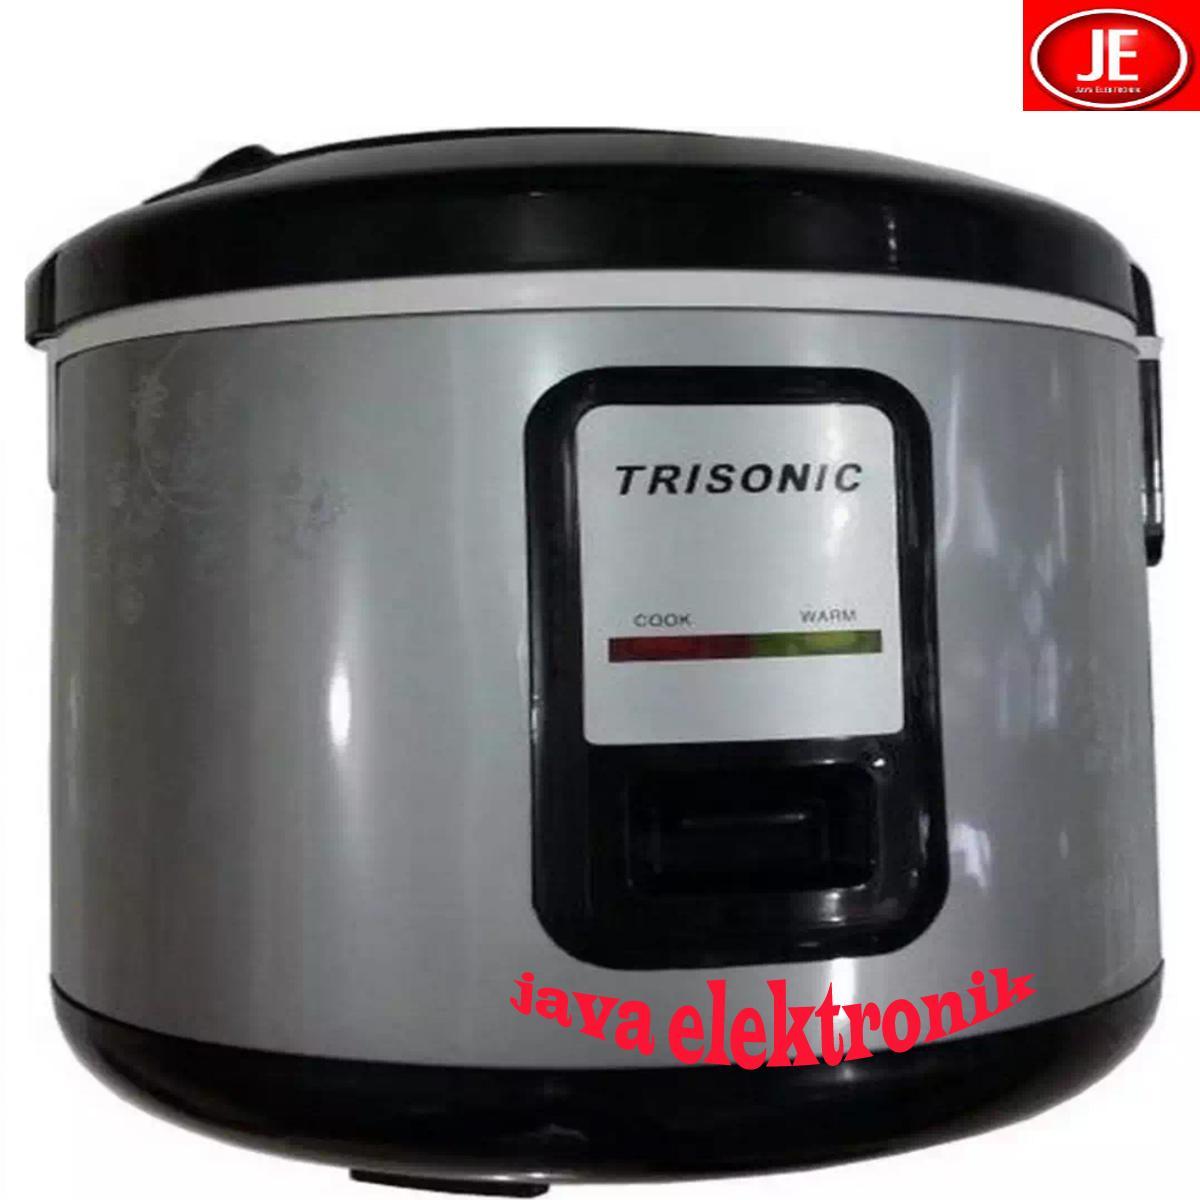 Trisonic T 707 N Rice Cooker - 1.2L - Silver GARANSI RESMI